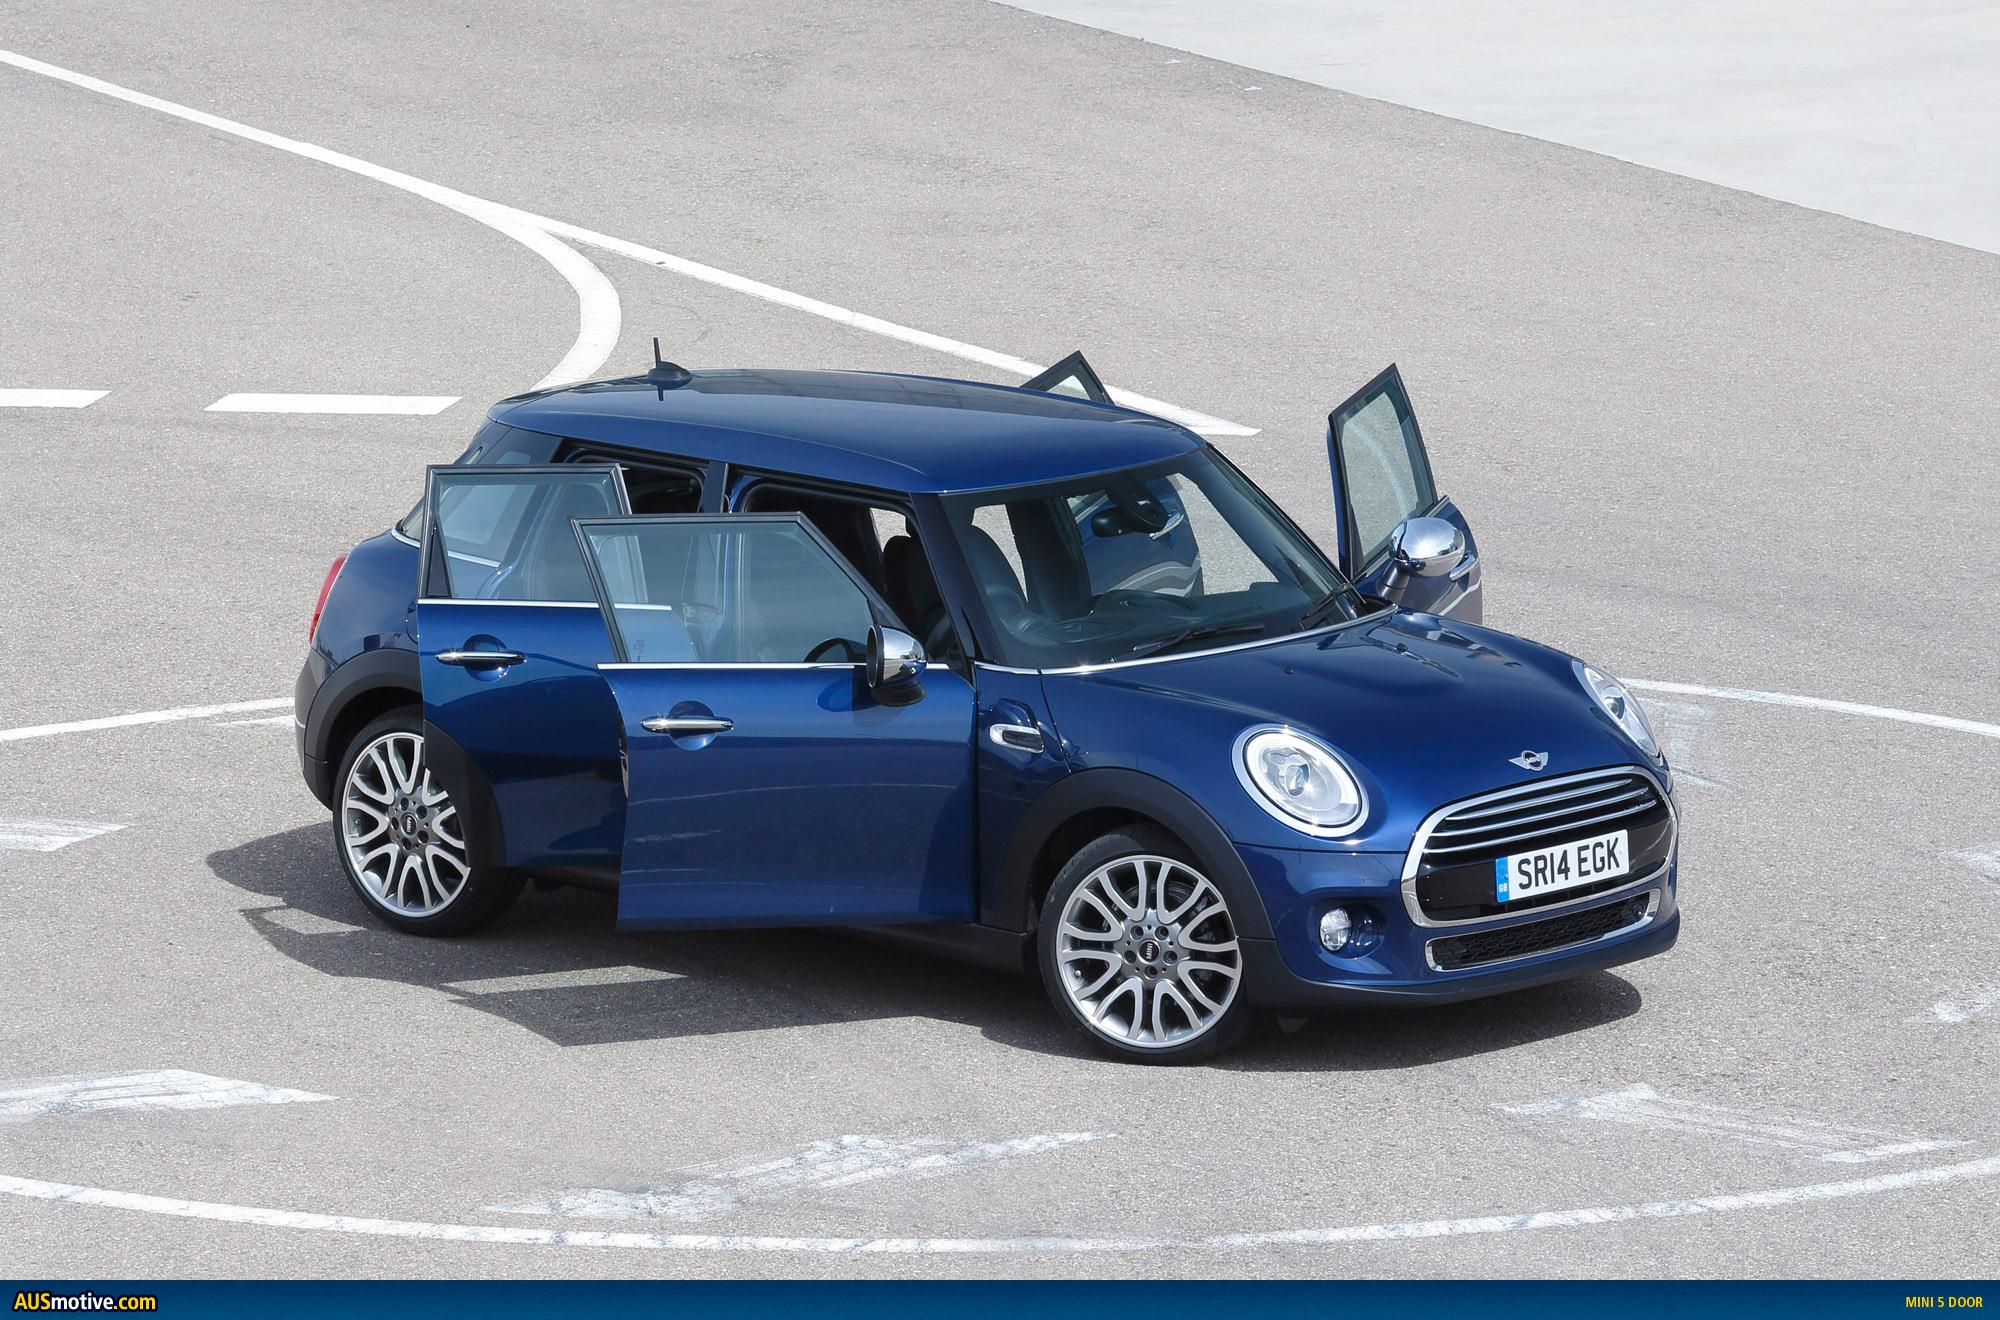 Mini Cooper Models >> AUSmotive.com » MINI 5 door revealed